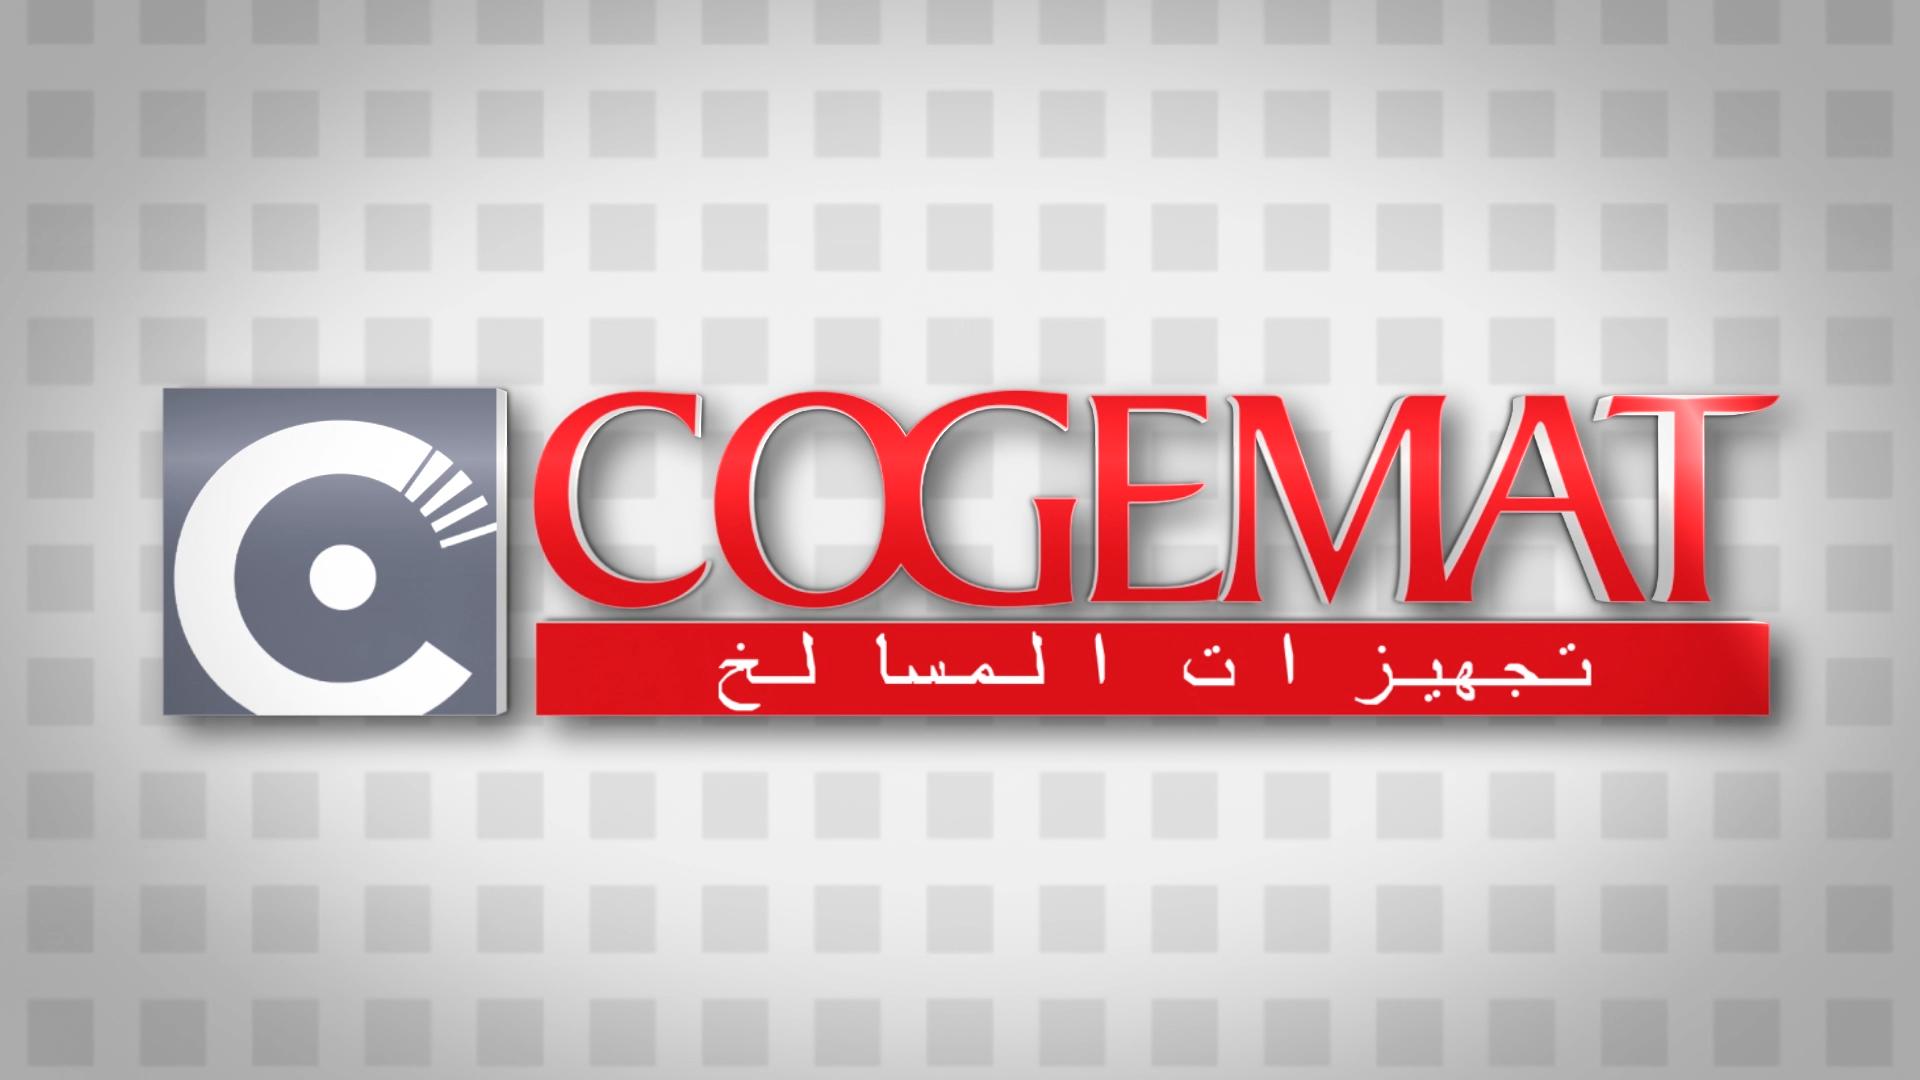 Cogemat